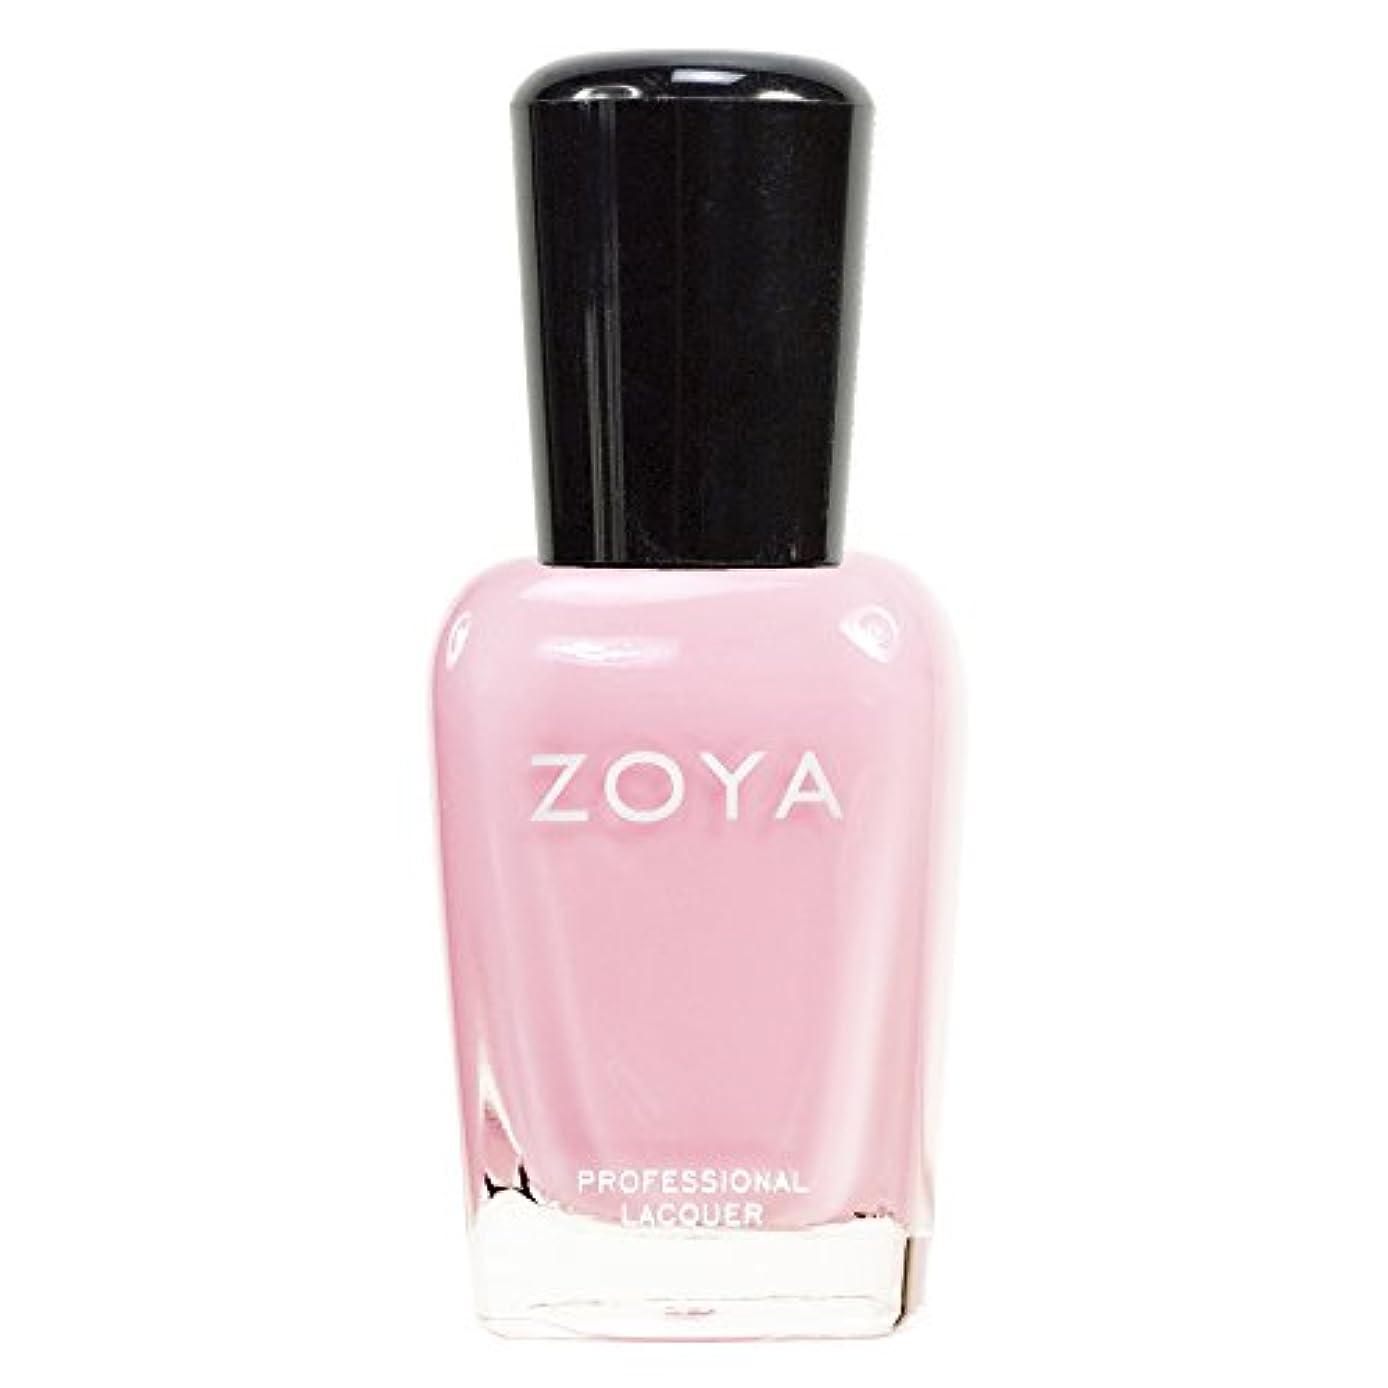 標準起きろ吹雪ZOYA ゾーヤ ネイルカラーZP315 BELA ベラ 15ml 淡く優しいクリーミーなピンク マット 爪にやさしいネイルラッカーマニキュア